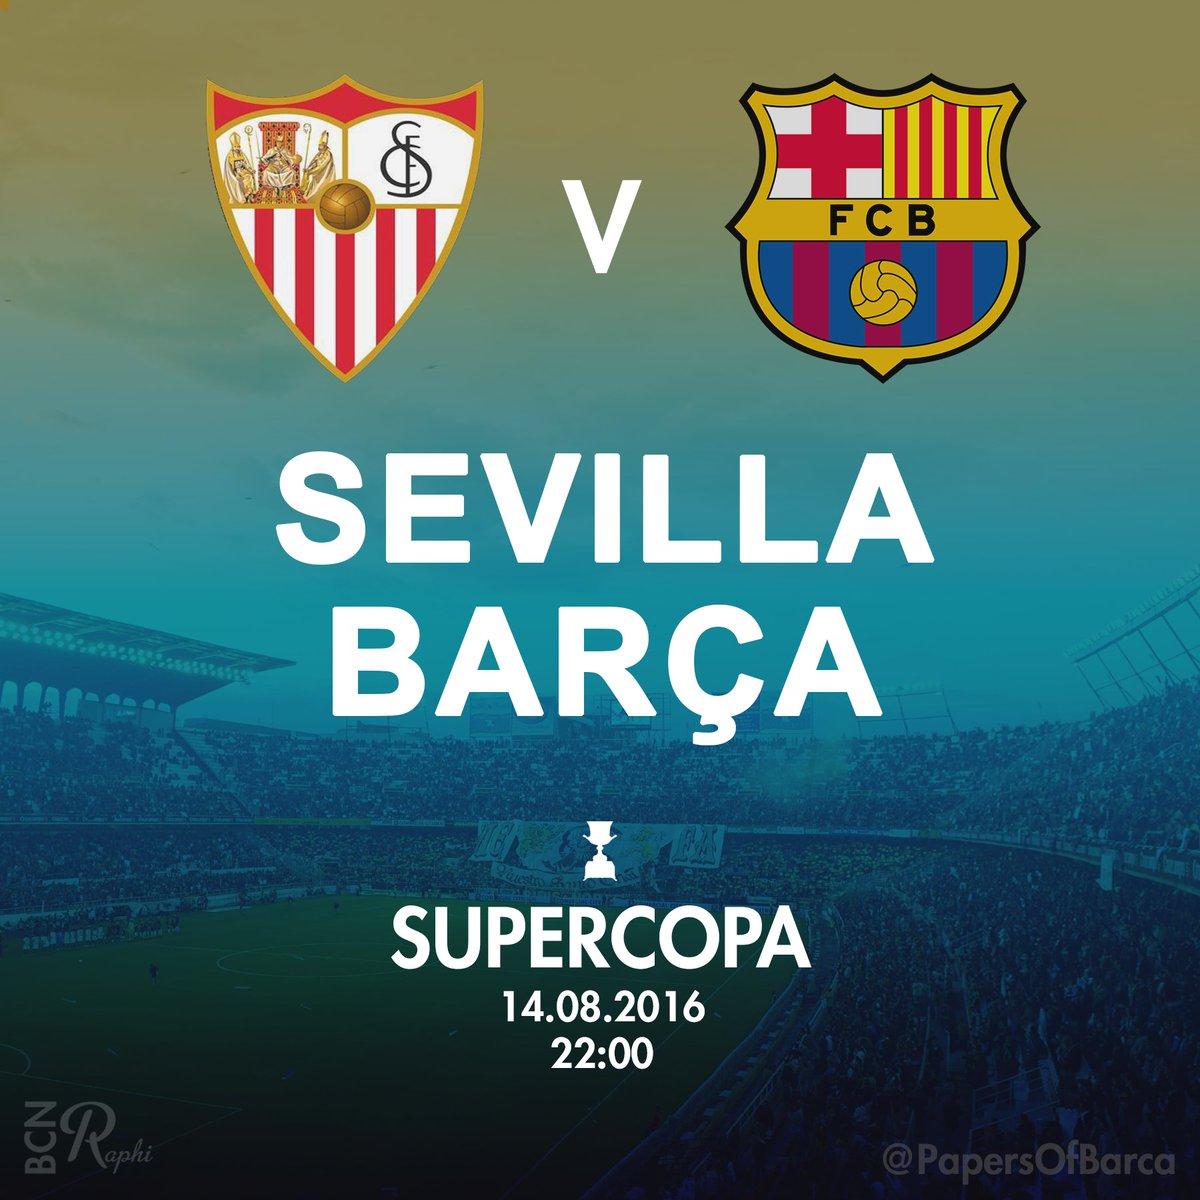 Supercopa, arriva il trionfo del Barcellona: 2-0 al Siviglia